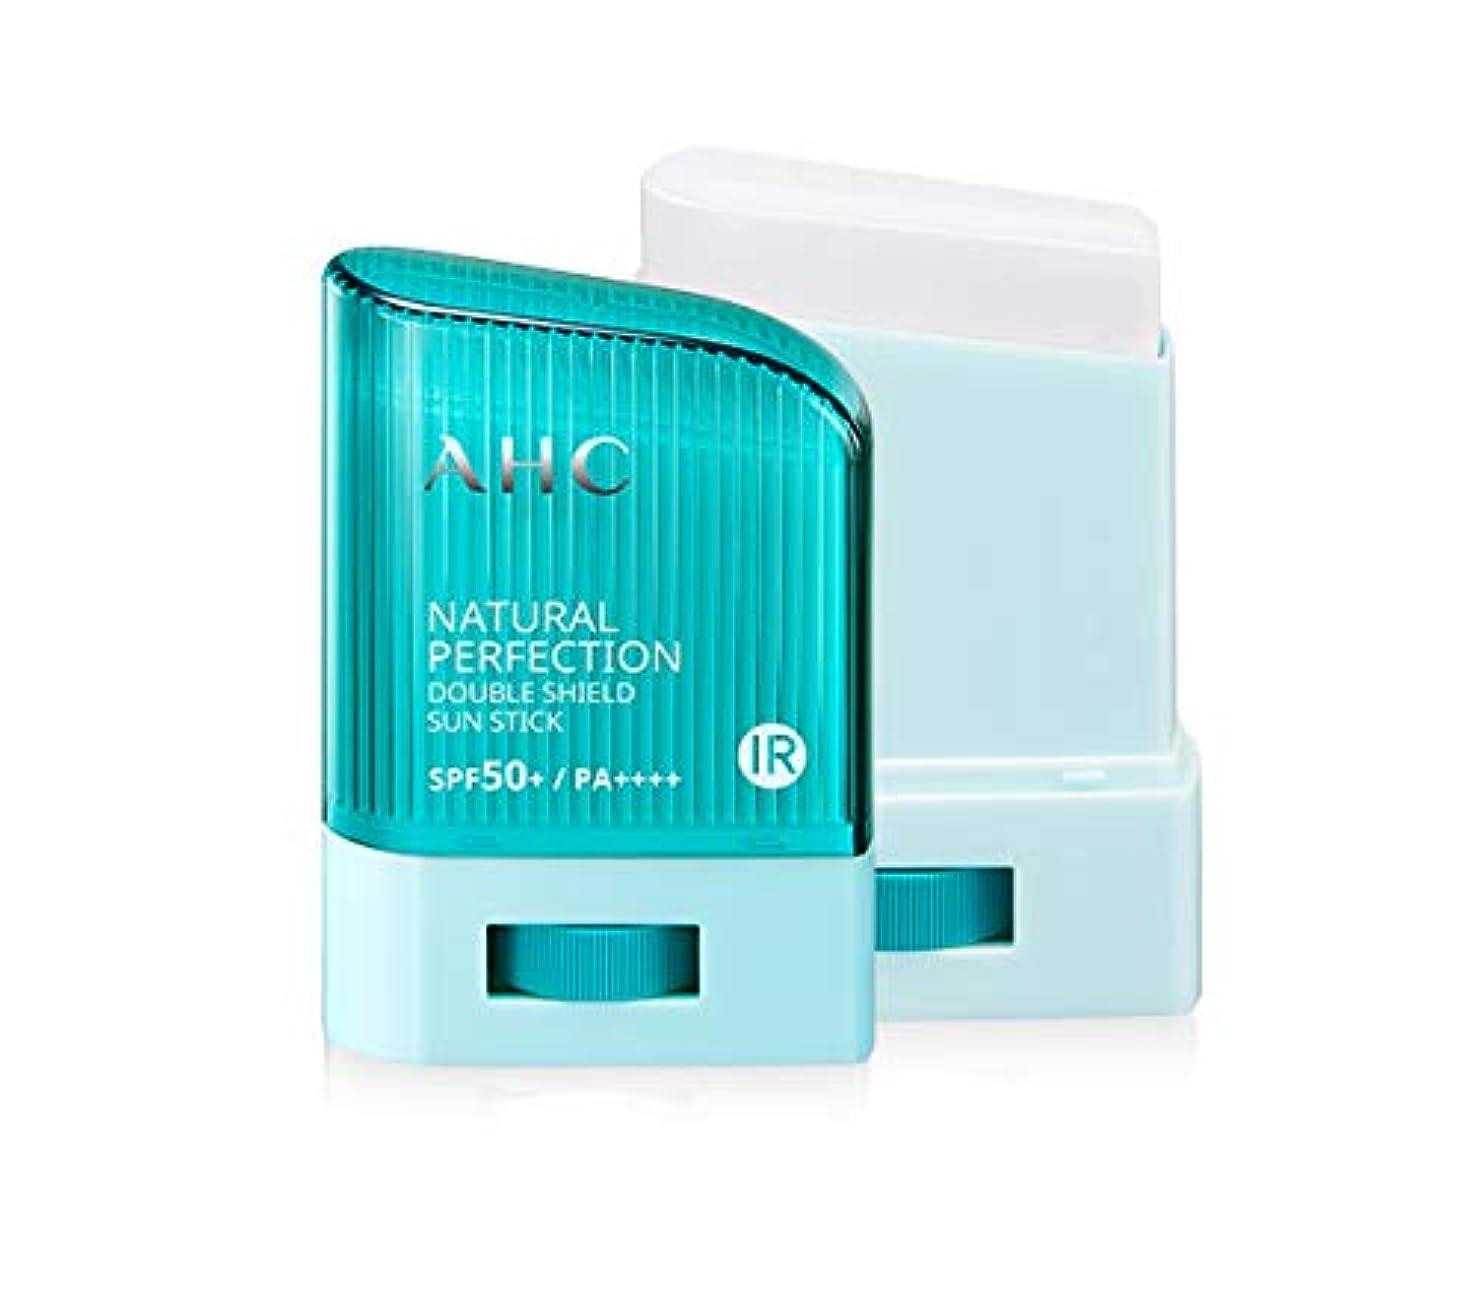 AHC ナチュラルパーフェクションダブルシールドサンスティック ブルー Natural Perfection Double Shield Sun Stick BLUE [並行輸入品] (14g)